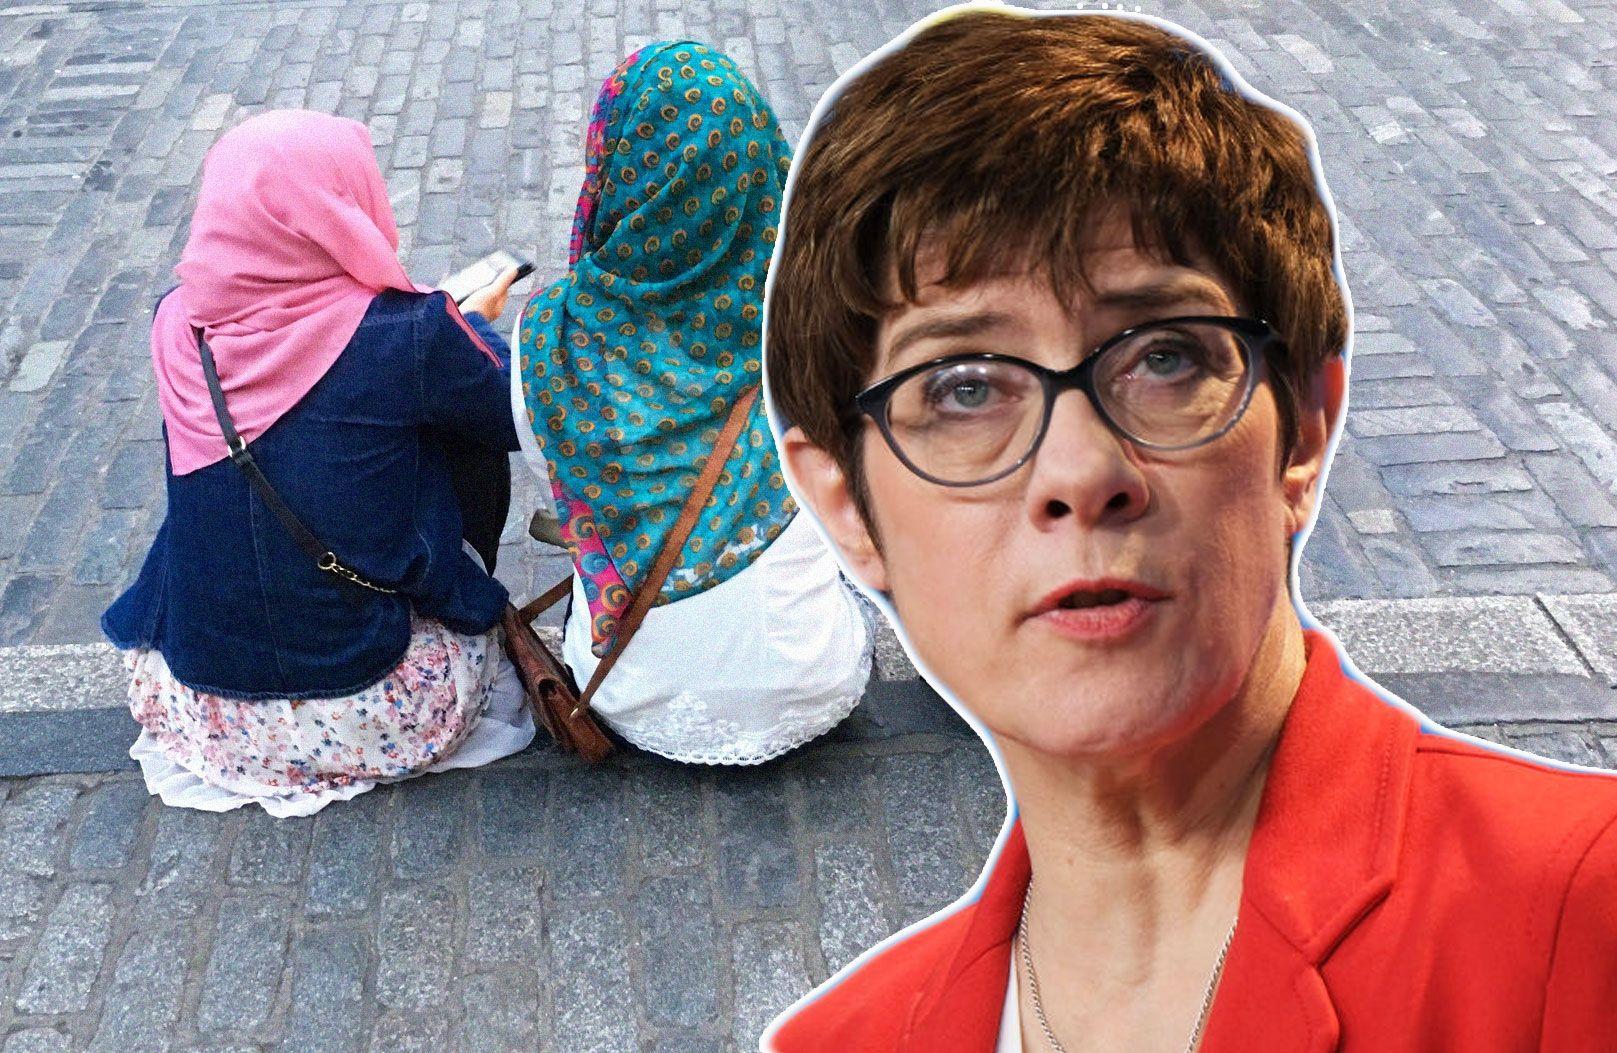 Akk Diskutiert Kopftuchverbot In Kitas Das Sagt Eine Erzieherin Dazu Kopf Religionsfreiheit Erzieherin